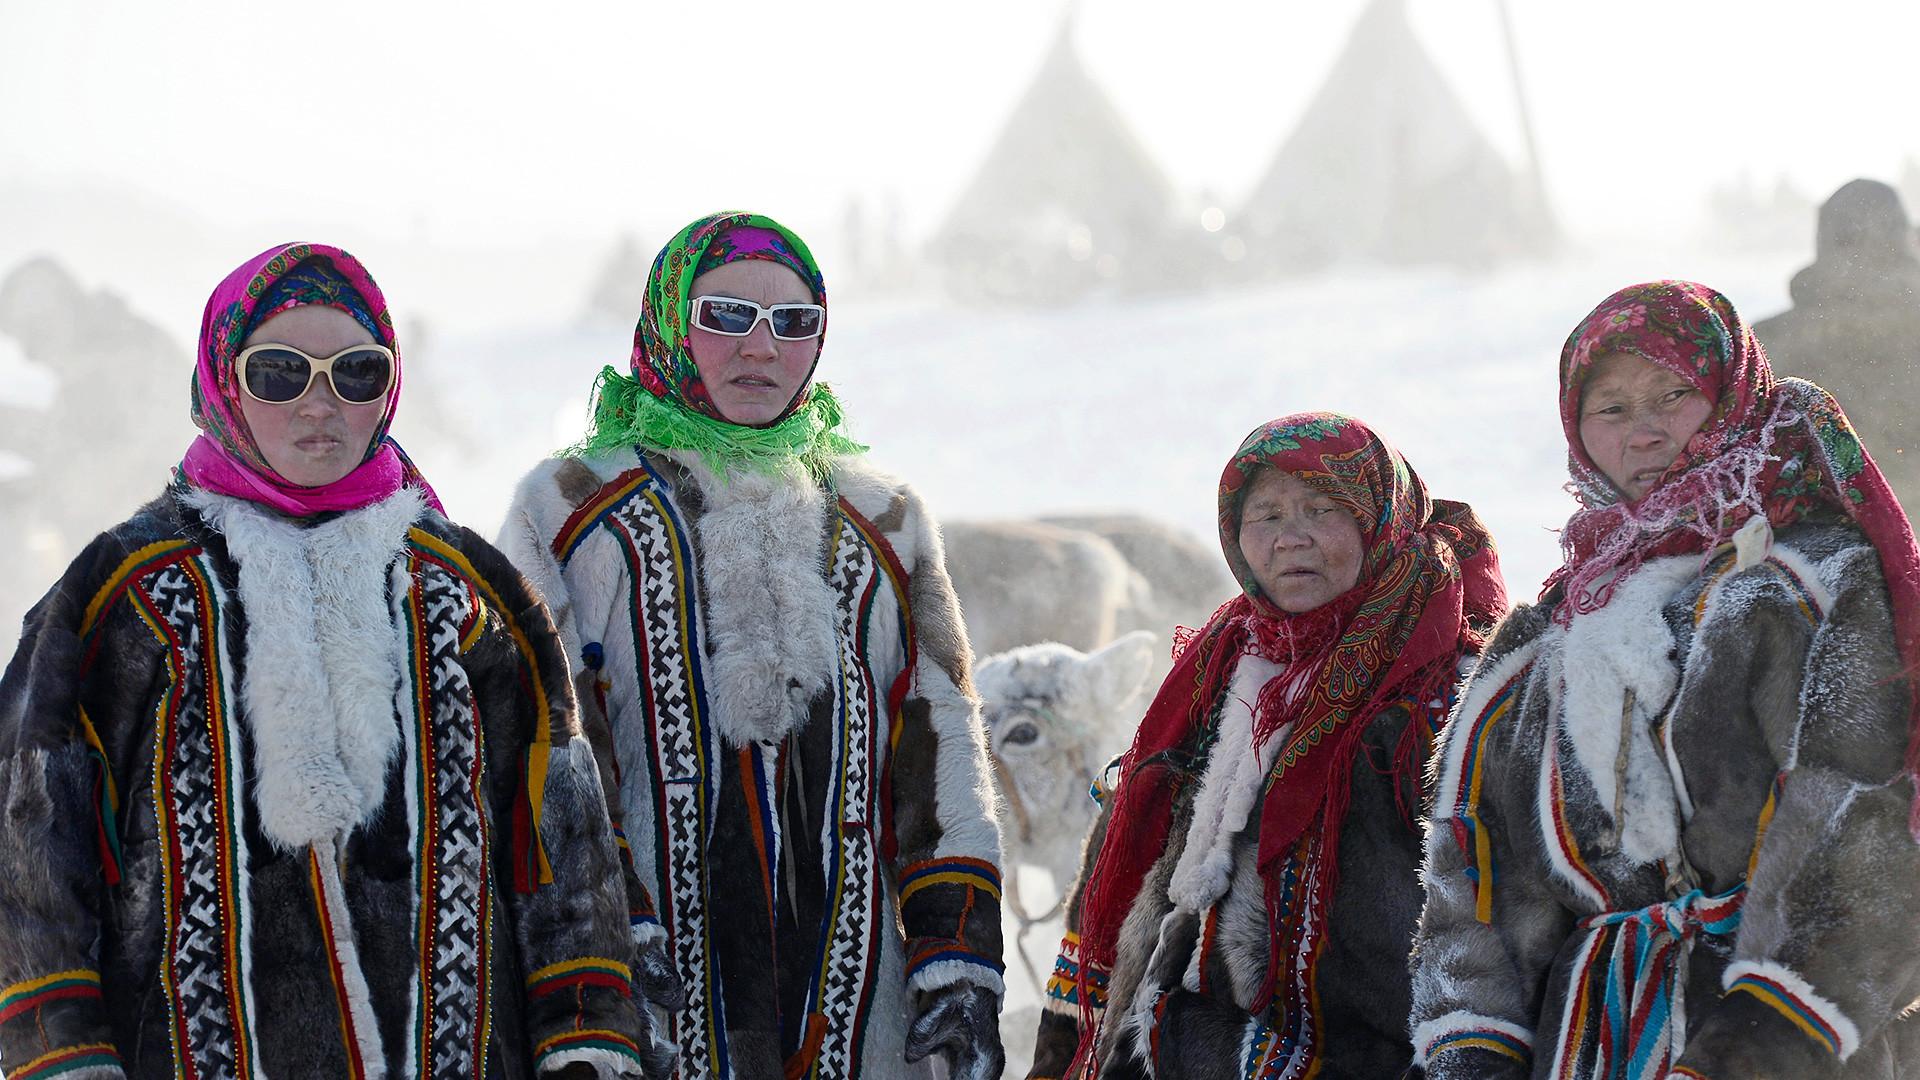 Des femmes célébrant la Journée des éleveurs de rennes à Salekhard, capitale du district autonome de Iamalo-Nénétsie, dans le Grand Nord russe